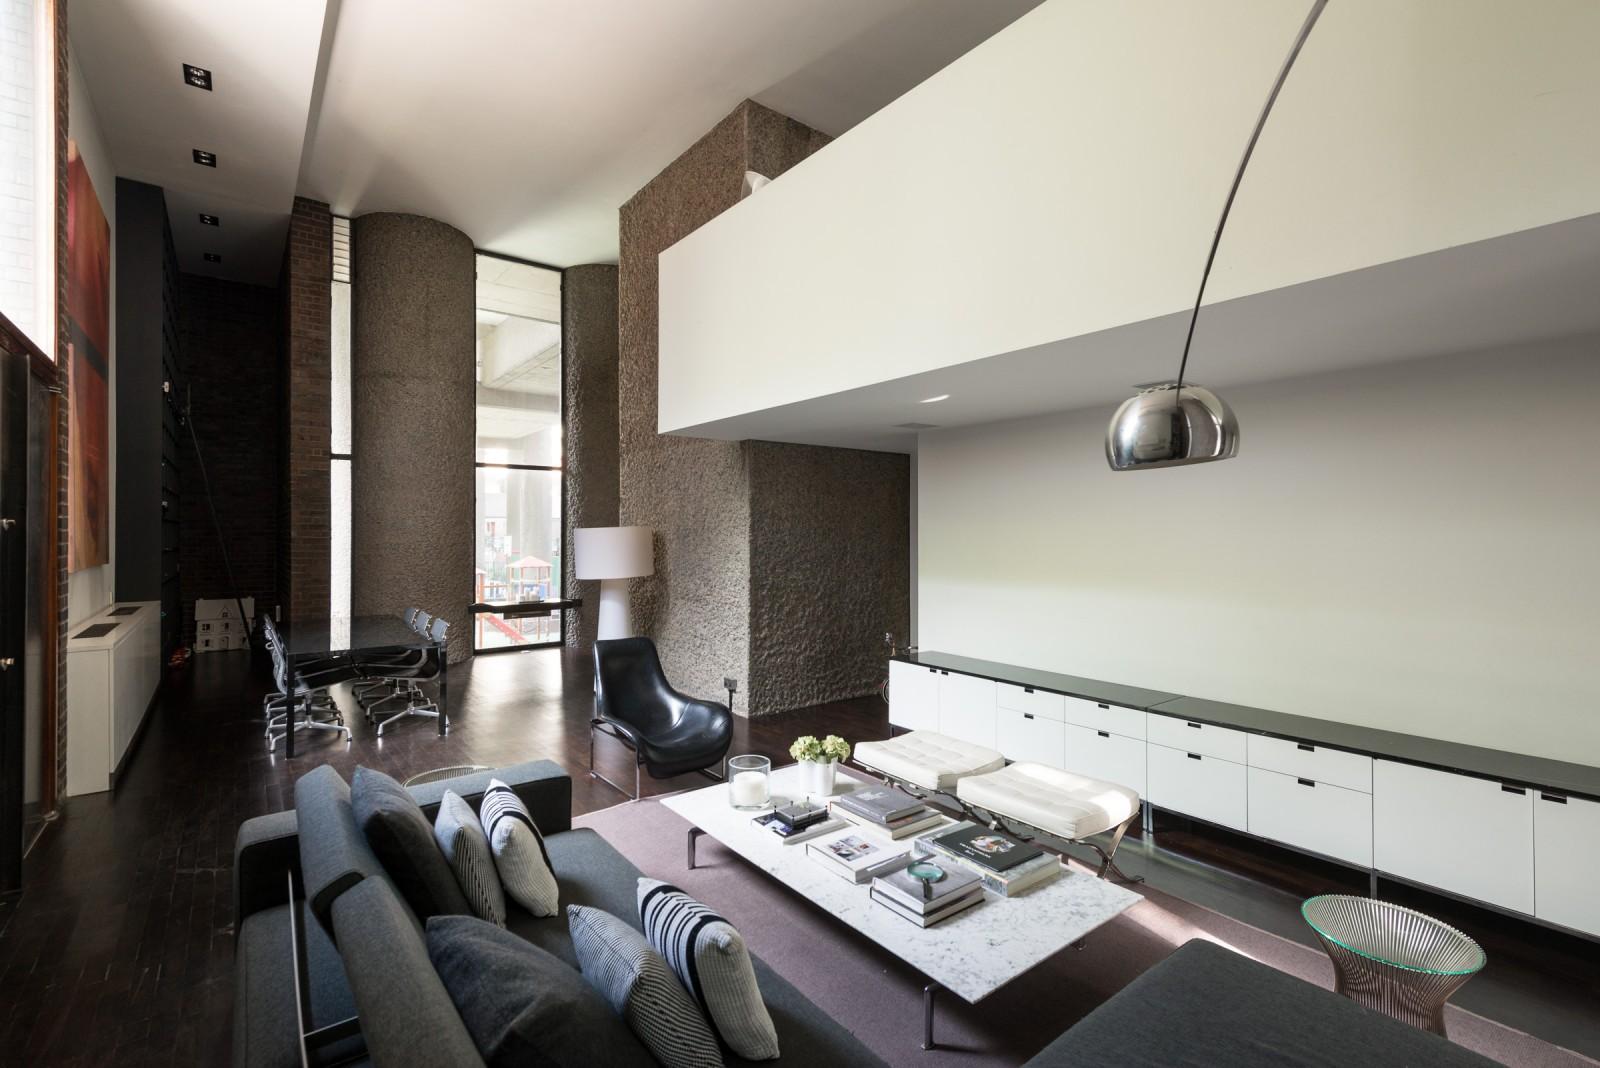 Barbican Estate Office conversion home 12